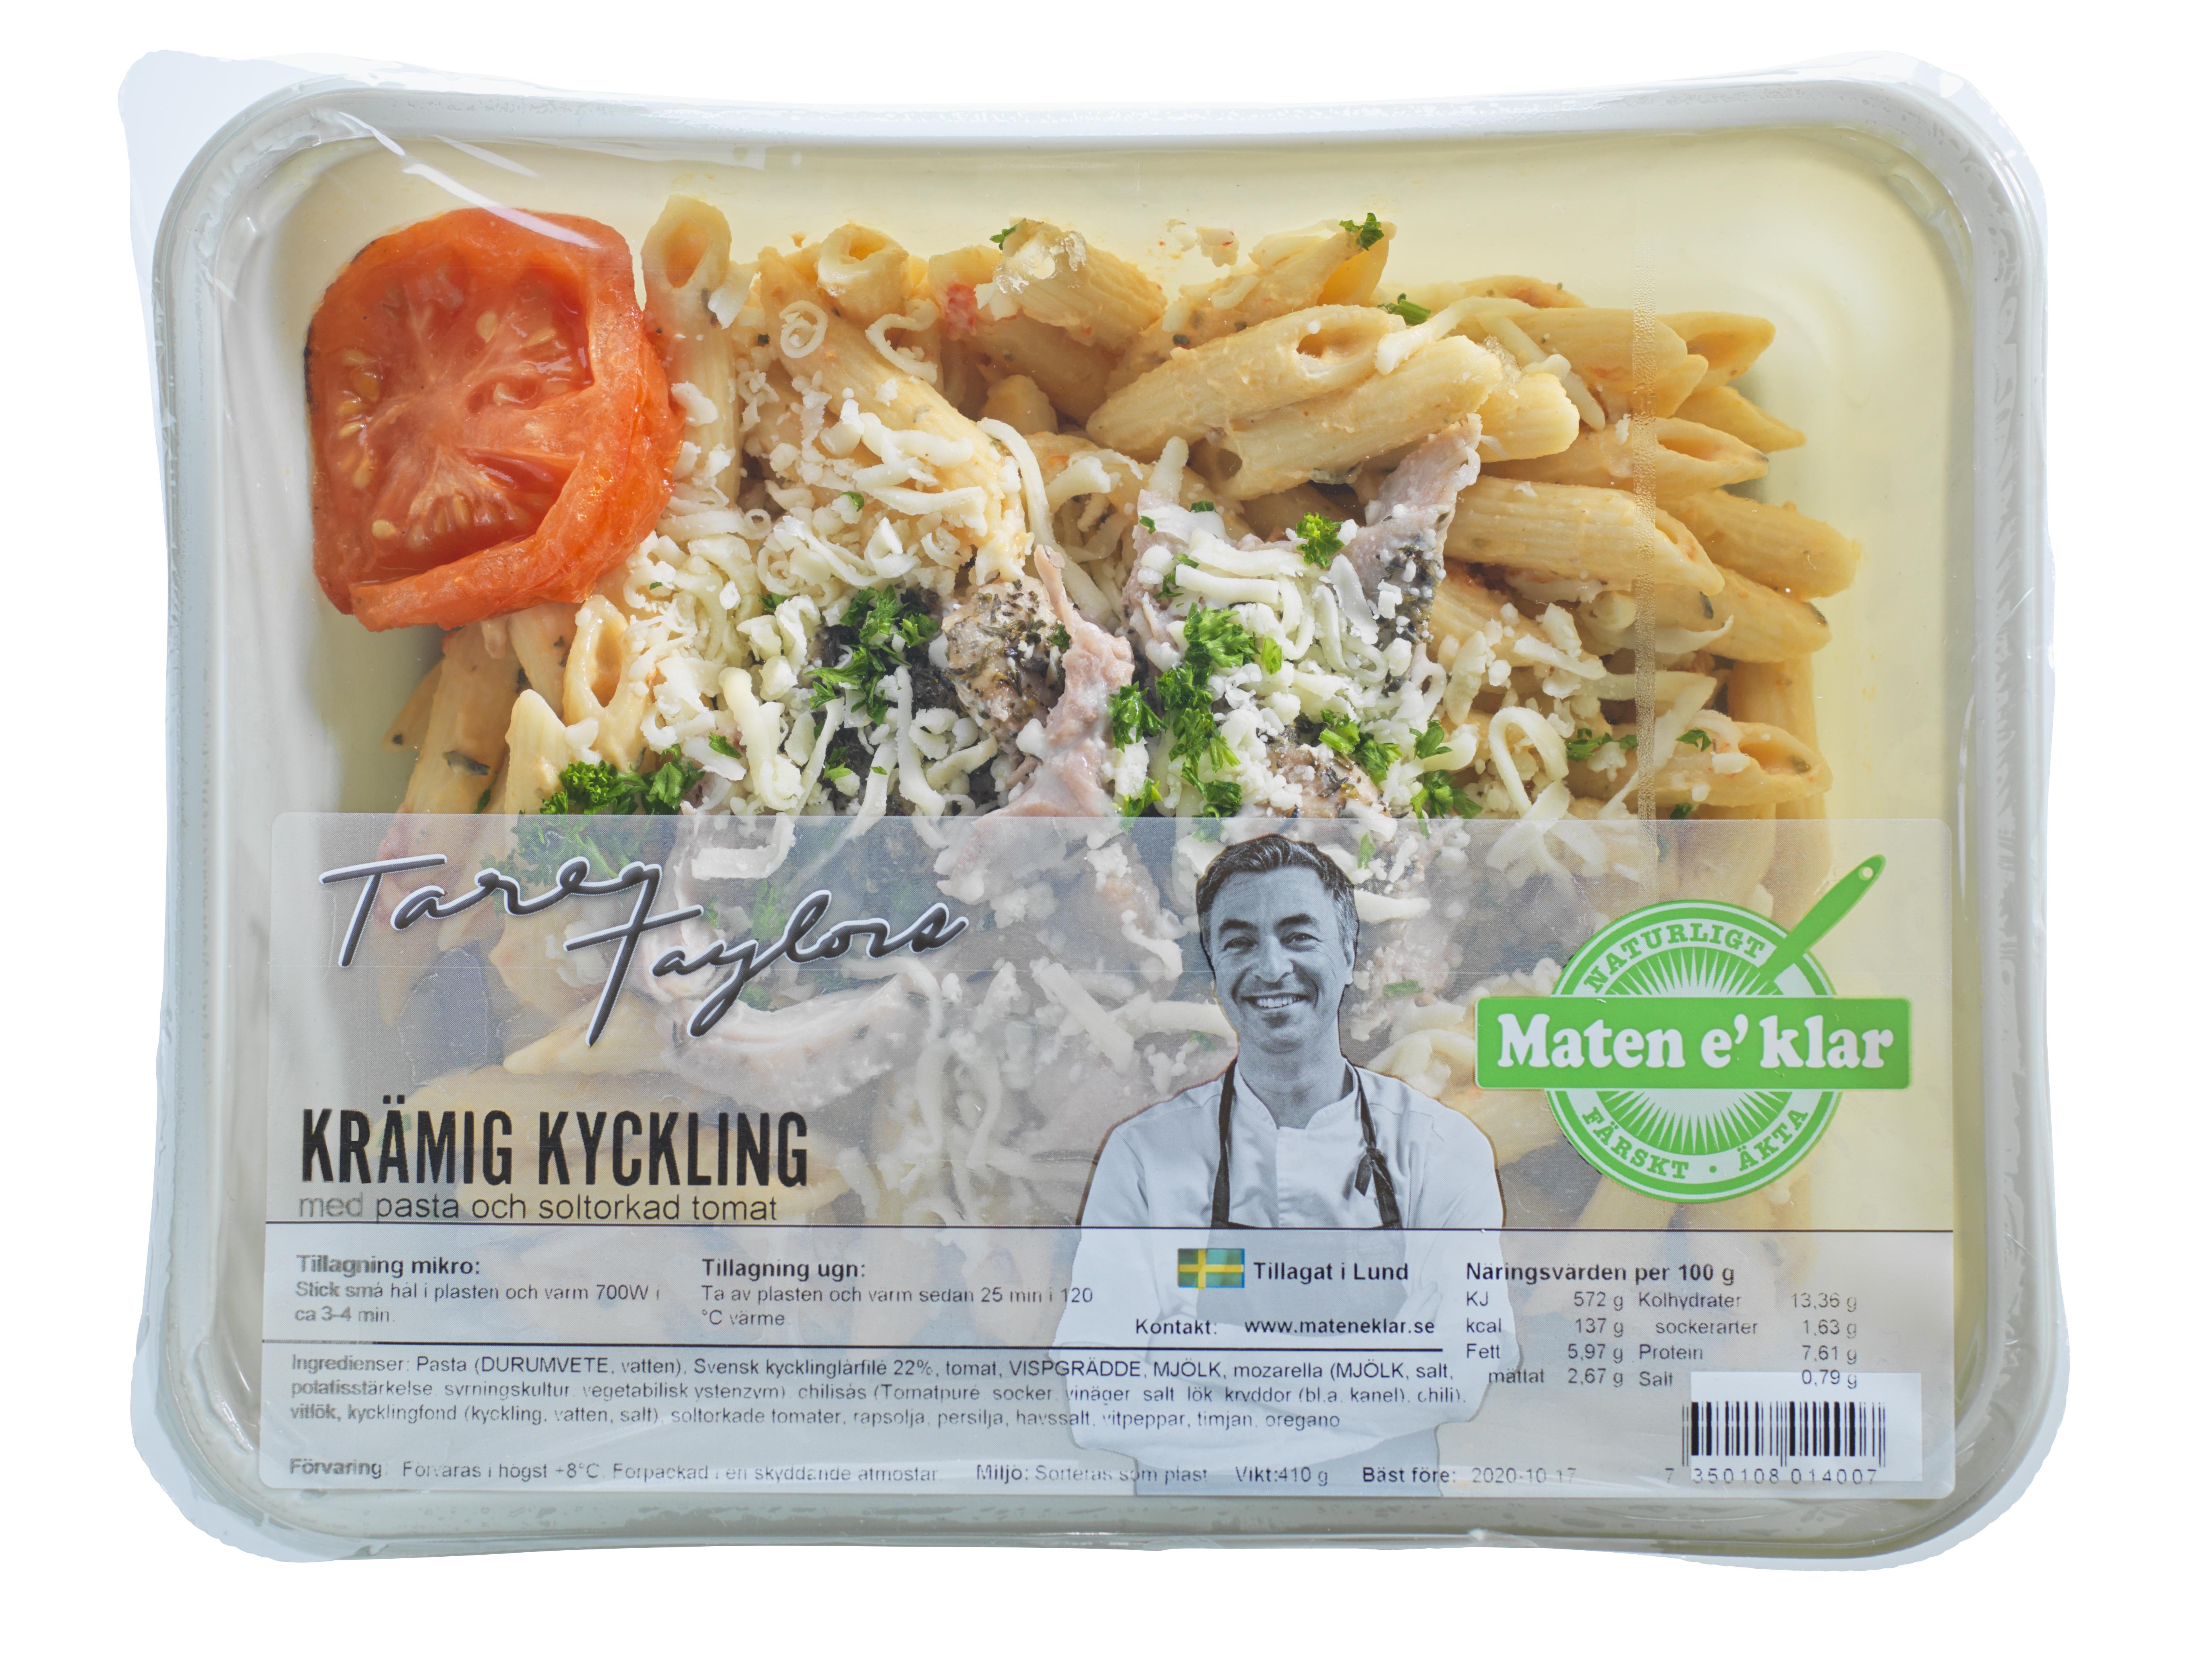 Tareqs Krämiga kycklinggratäng med soltorkade tomater, basilika och pasta. Basta! Svensk kyckling i en krämig sås med soltorkade tomater och basilika.